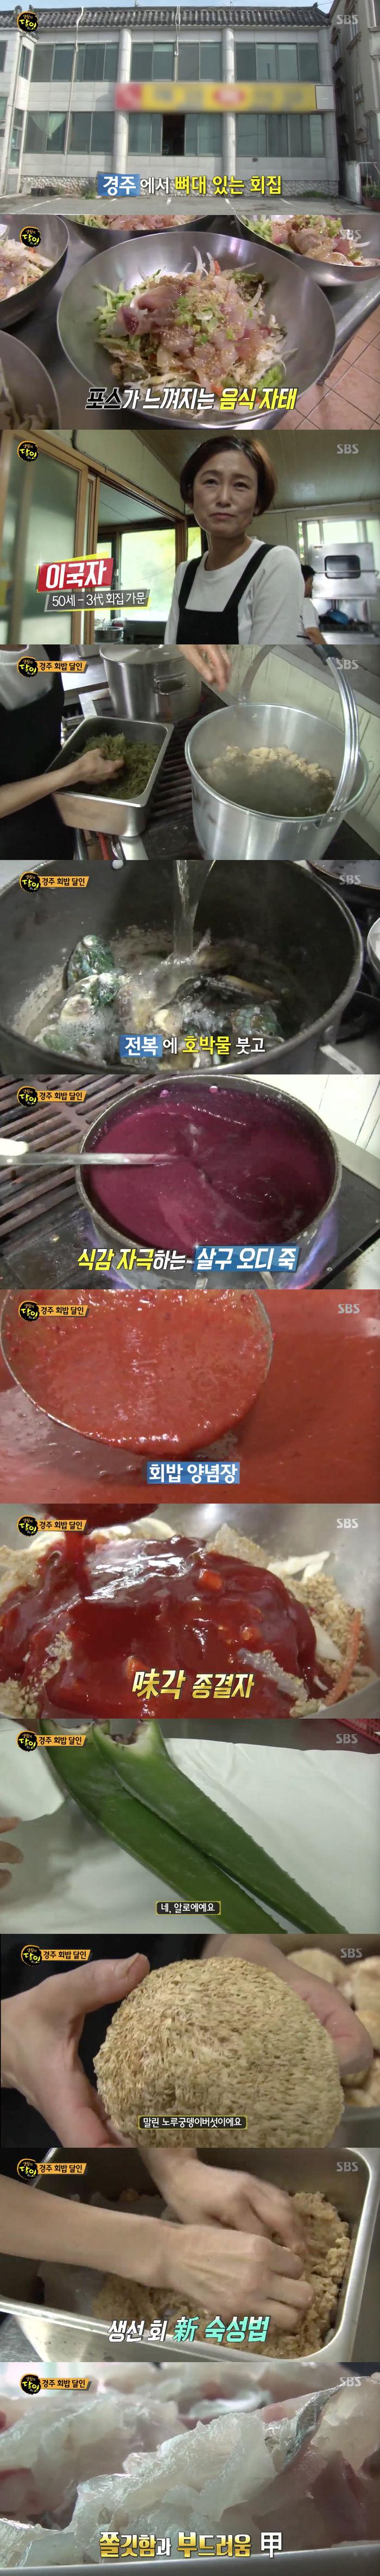 [스브스夜] '생활의 달인' 3대 경주 회밥의 달인 '회 맛 살리는 양념장+생선회 숙성법' 공개